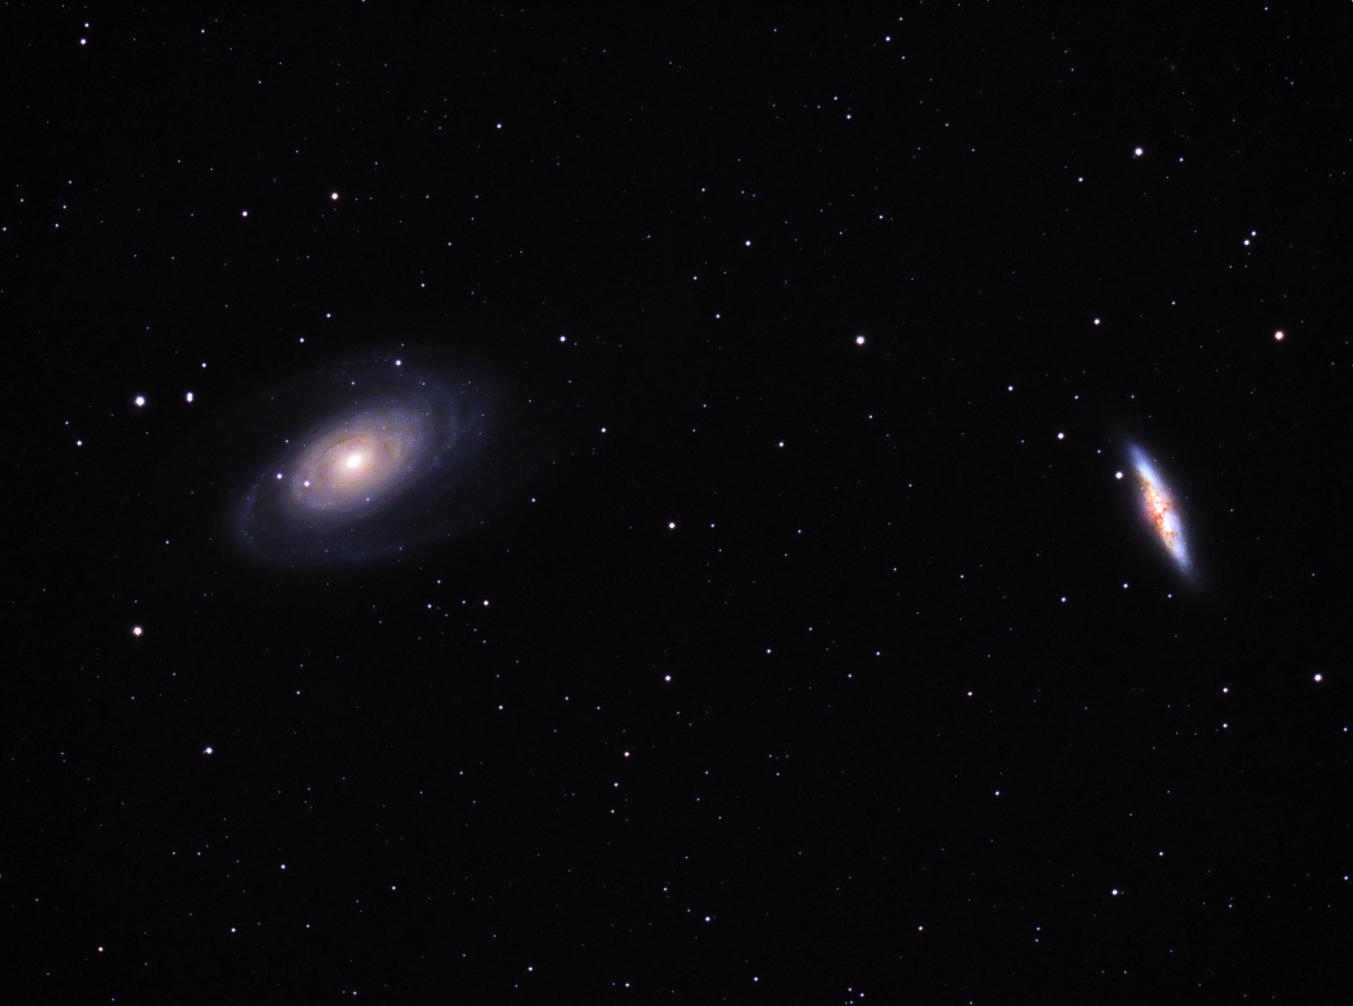 Messier 81 & Messier 82 en la constelación de la Osa Mayor. Crédito: Gustavo Sánchez/Observatorio Guajataca.